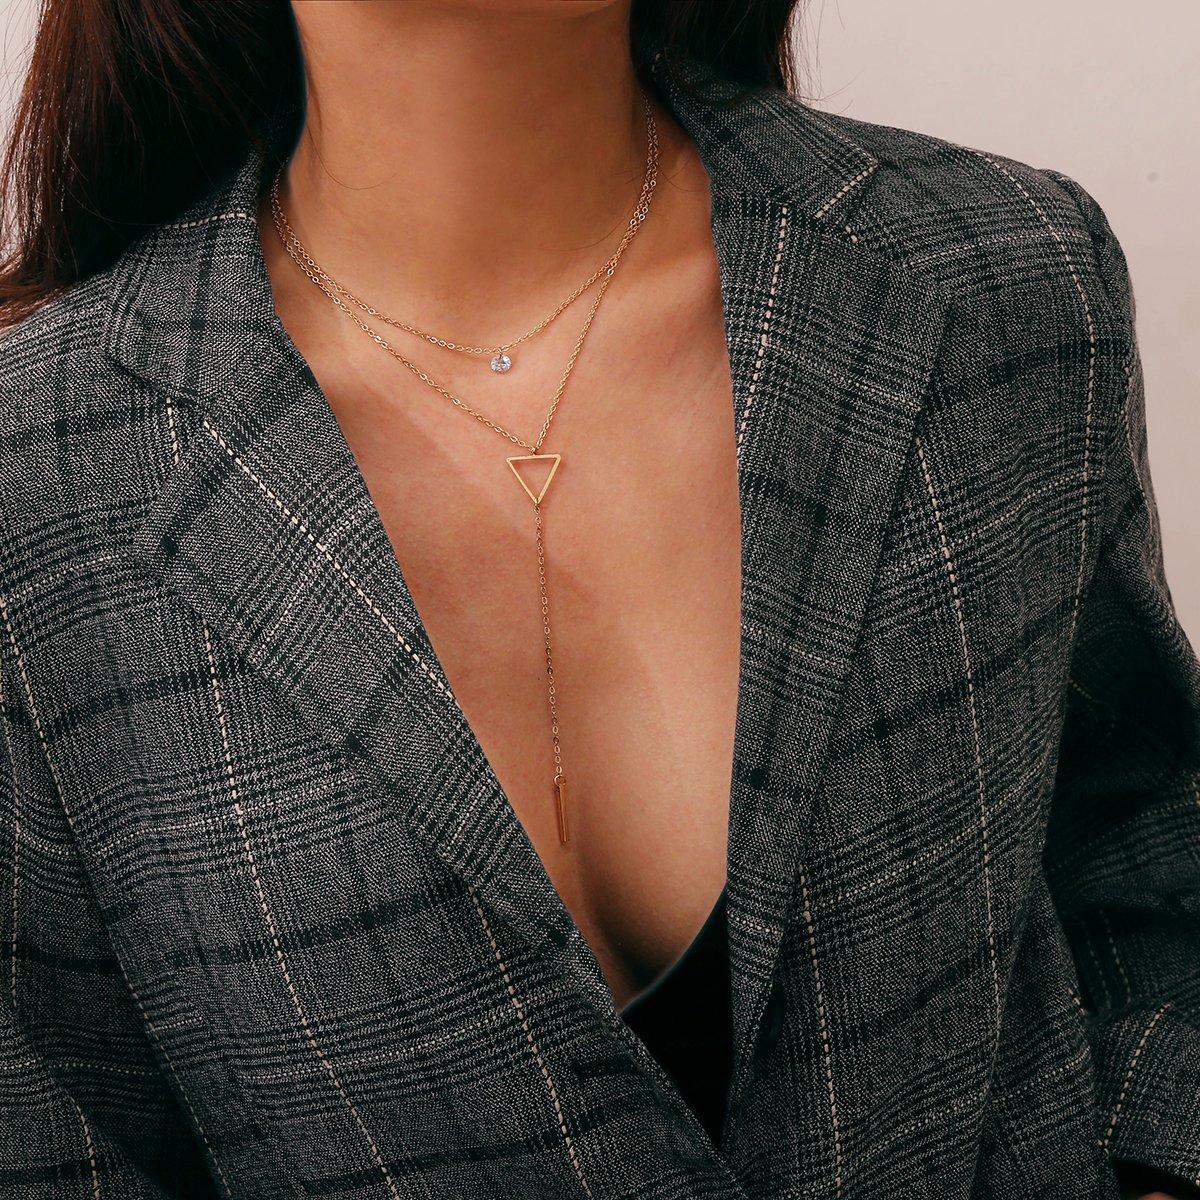 Offene Dreieck Detail Lariats Kette Halskette